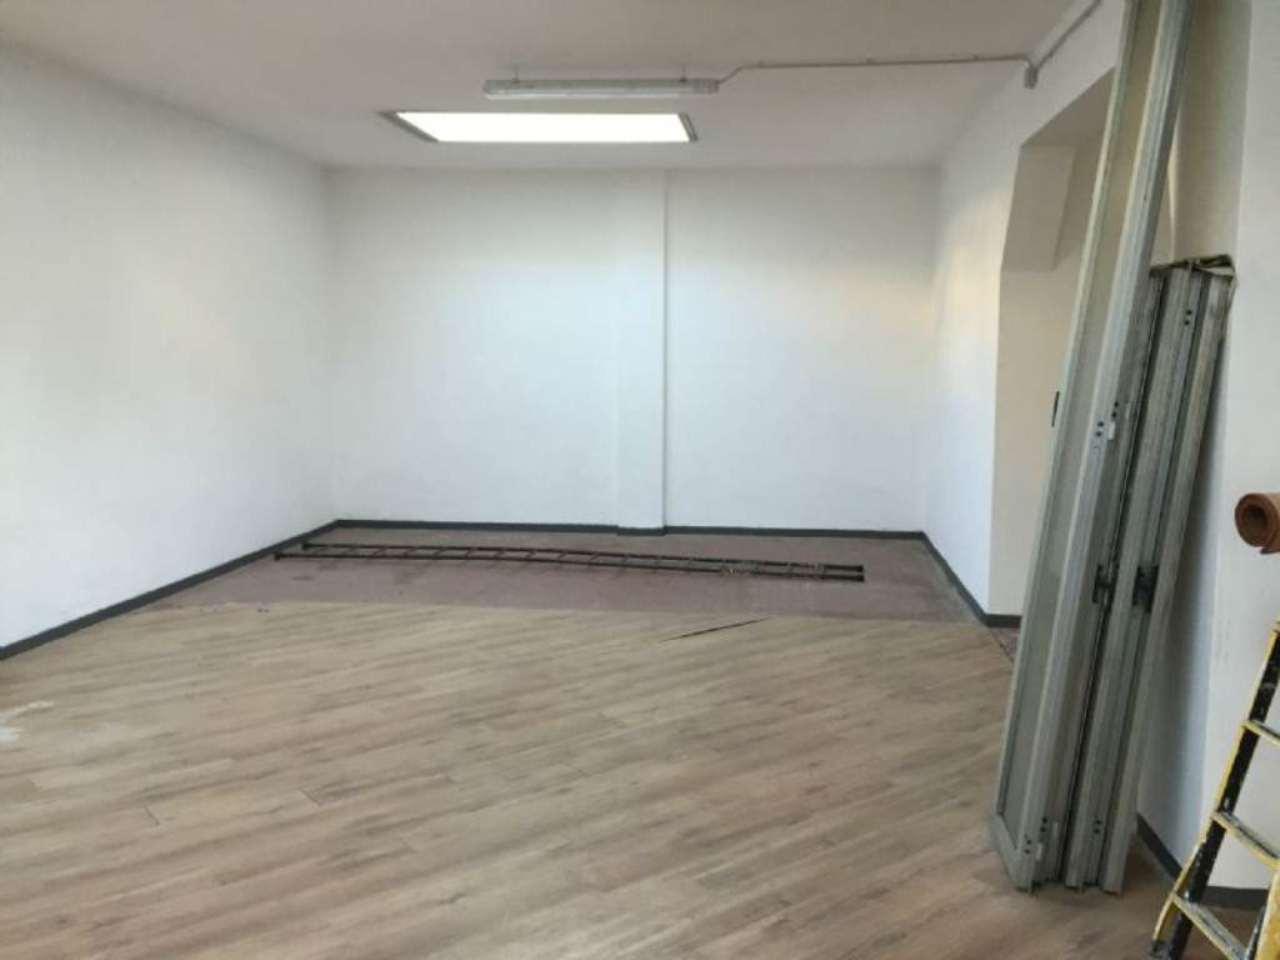 Laboratorio in vendita a Torino, 1 locali, zona Zona: 15 . Pozzo Strada, Parella, prezzo € 98.000 | Cambio Casa.it